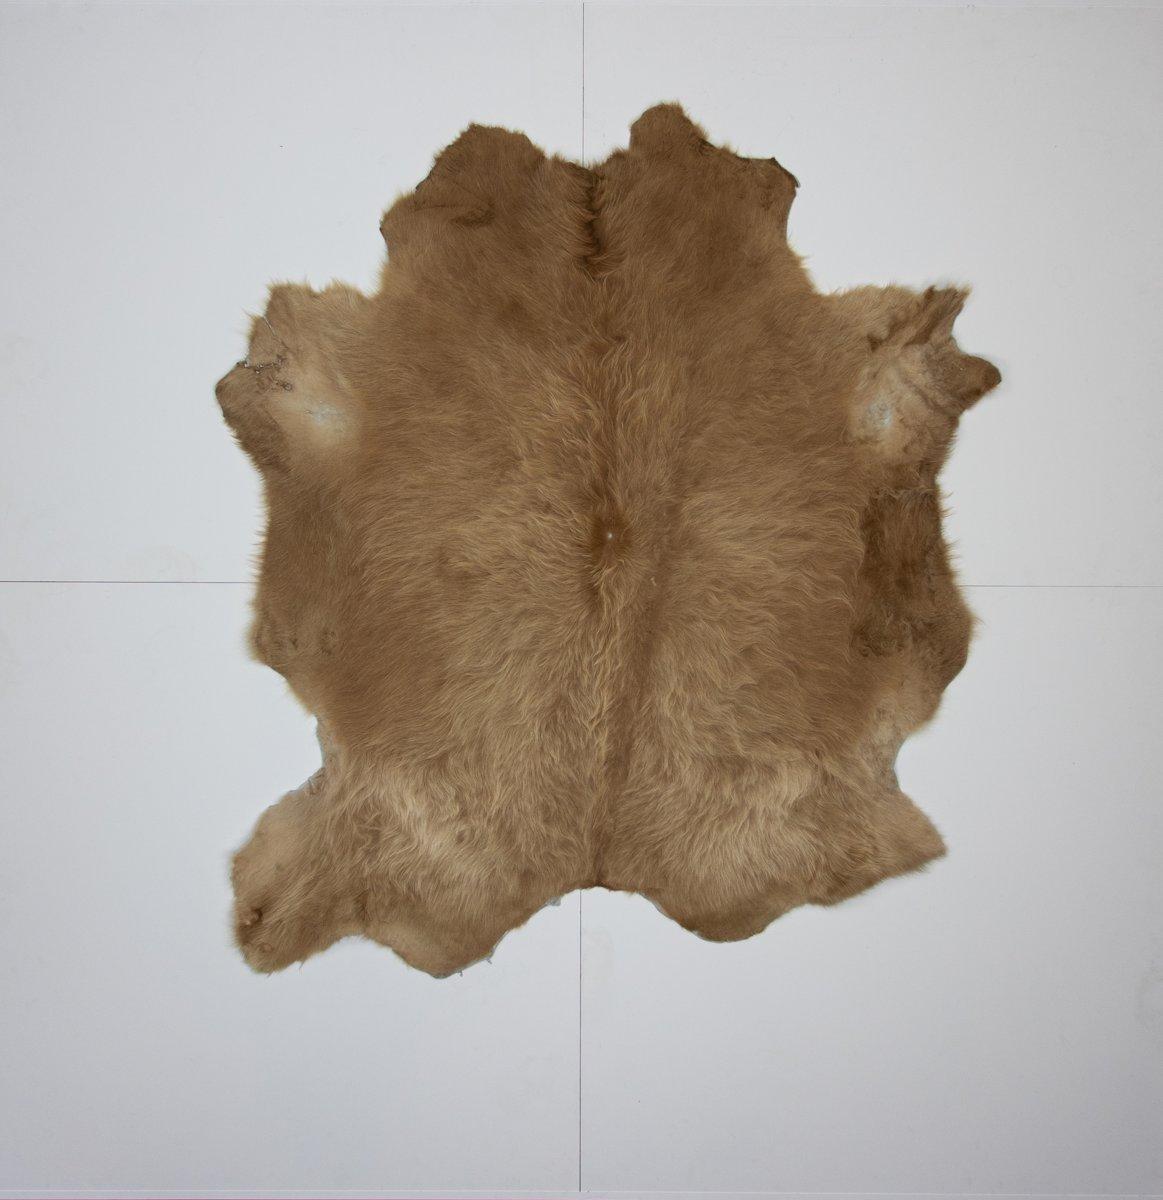 KOELAP Stierenhuid Vloerkleed - Beige Egaal - 165 x 185 cm - 1000880 kopen